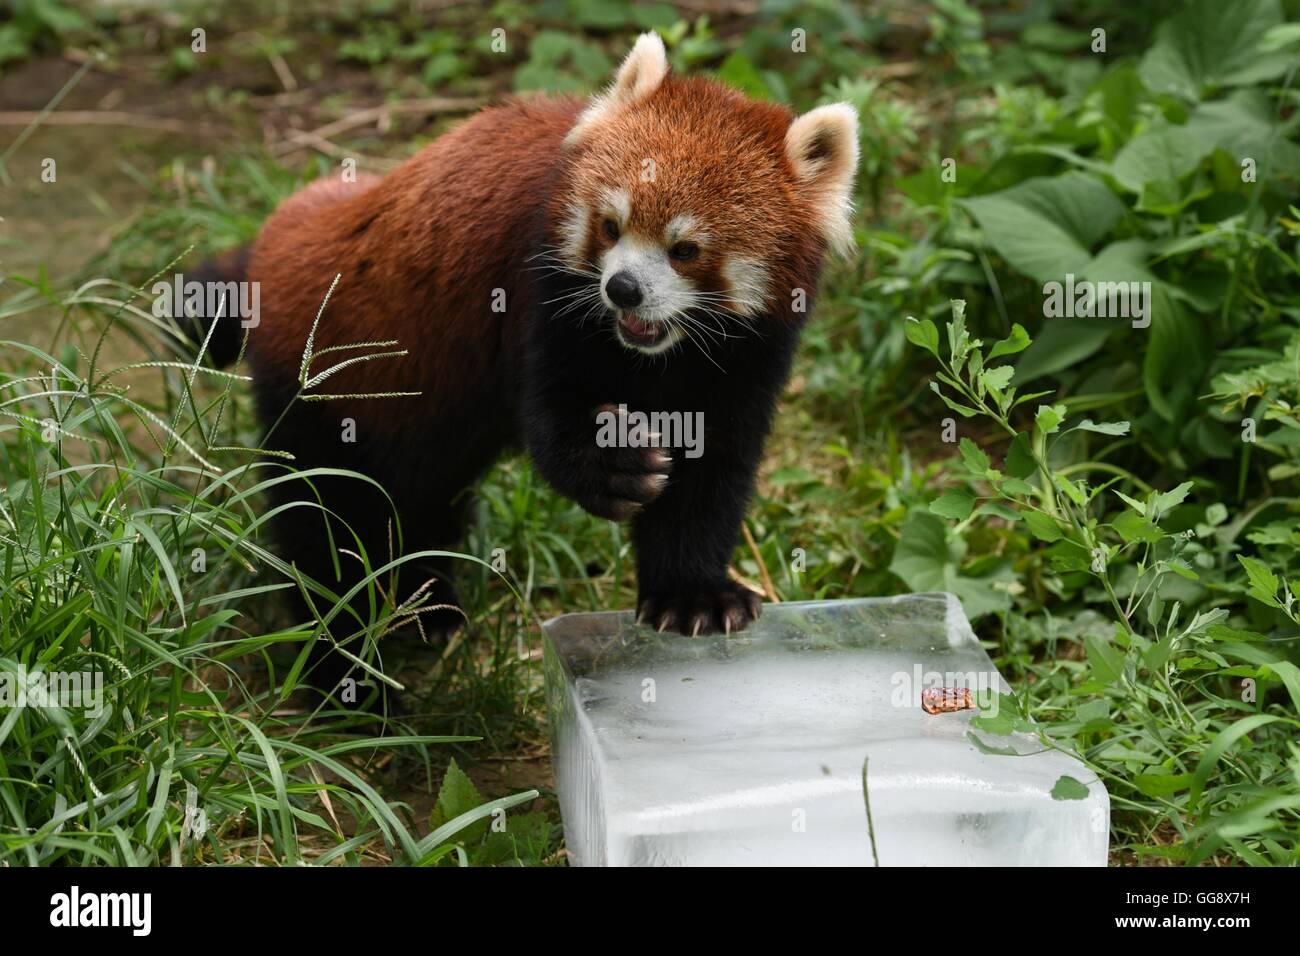 Pechino, Cina. 10 Ago, 2016. Un panda rosso poggia su un cubo di ghiaccio per alleviare il calore estivo allo zoo Immagini Stock